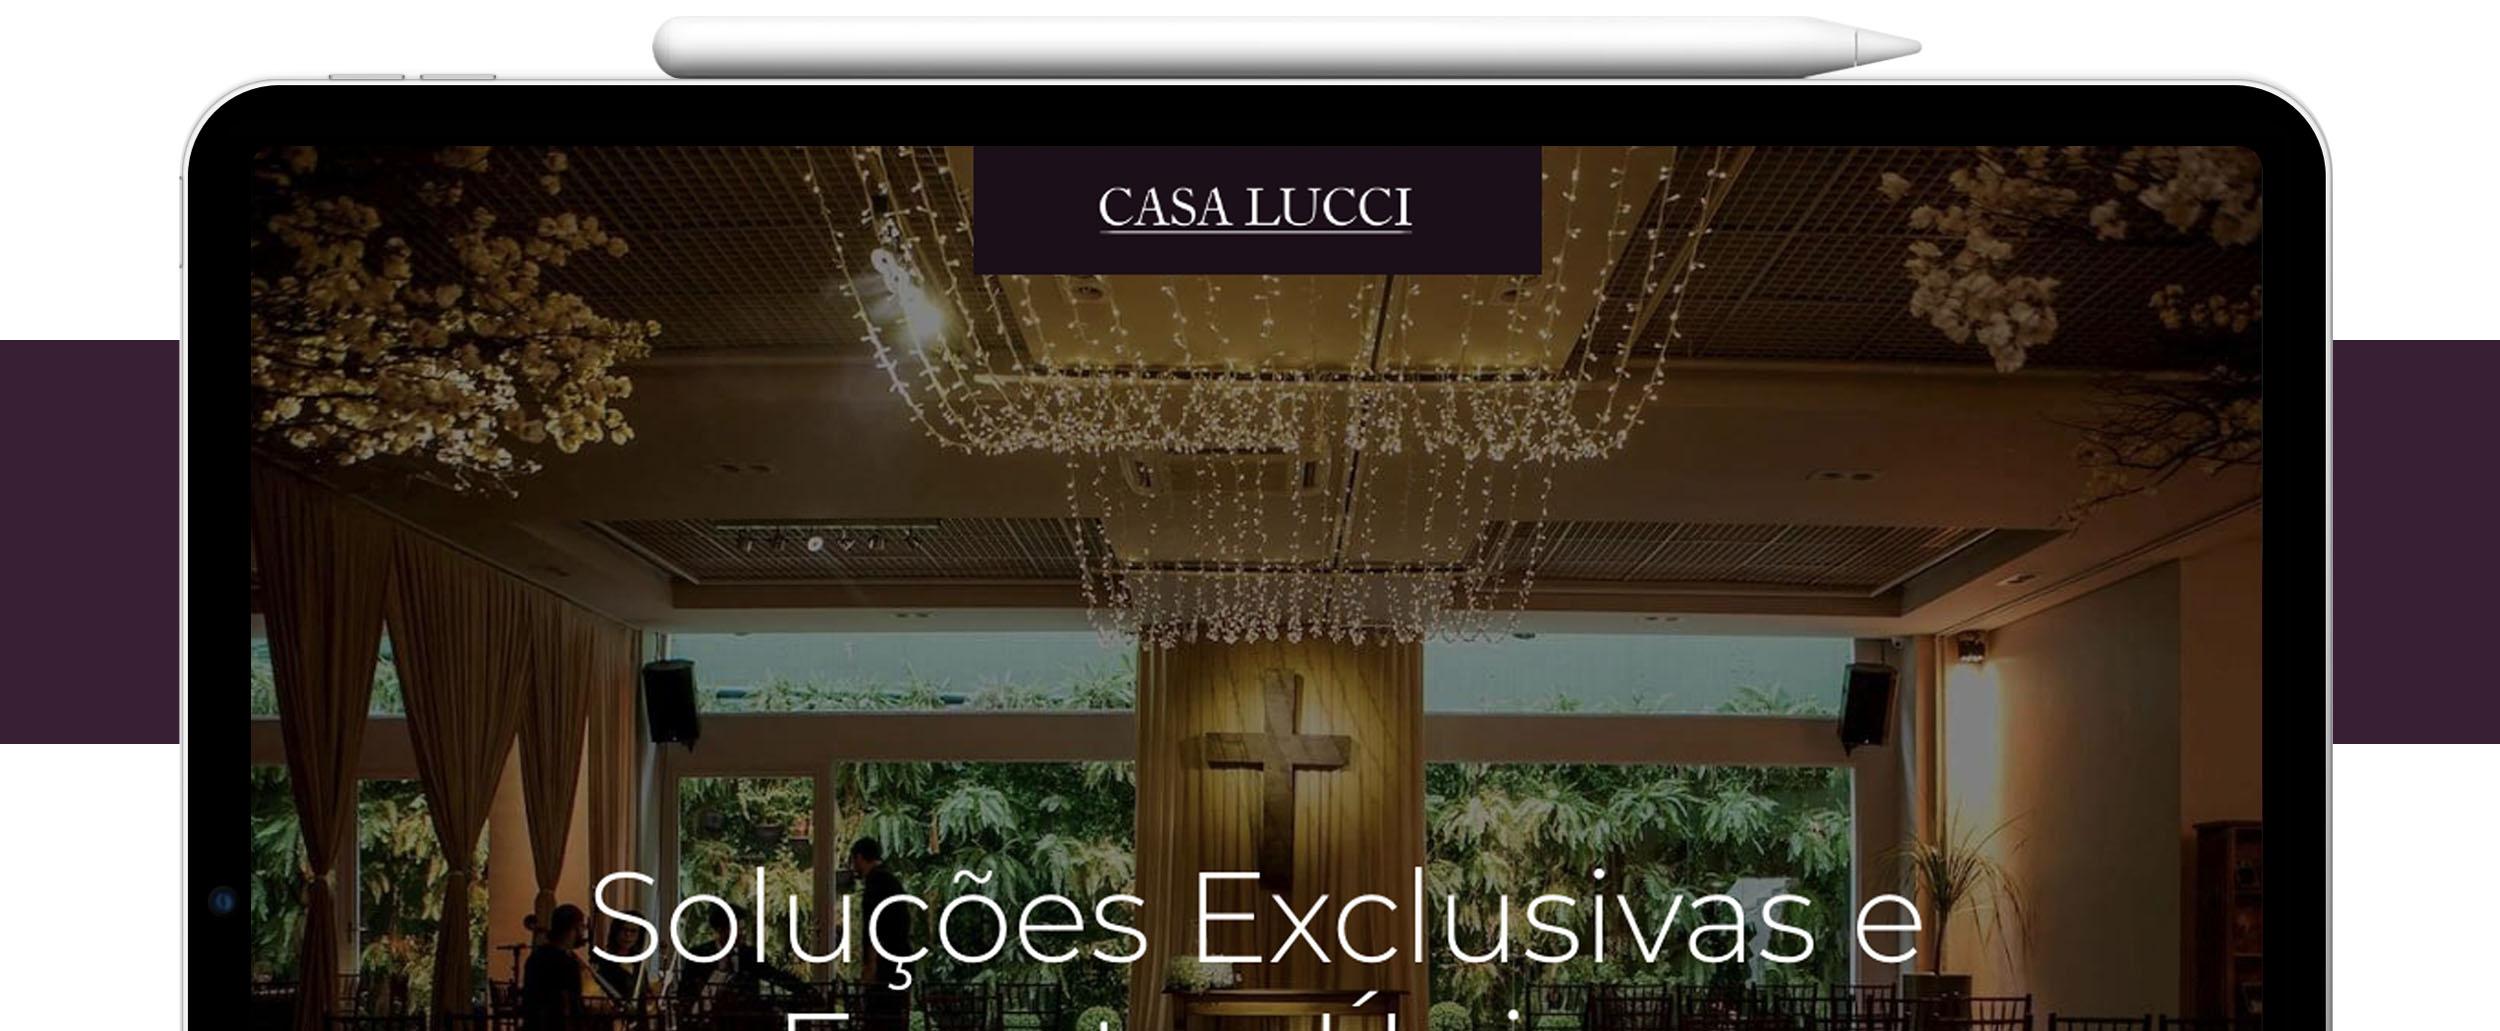 <p><span>Casa Lucci</span></p>